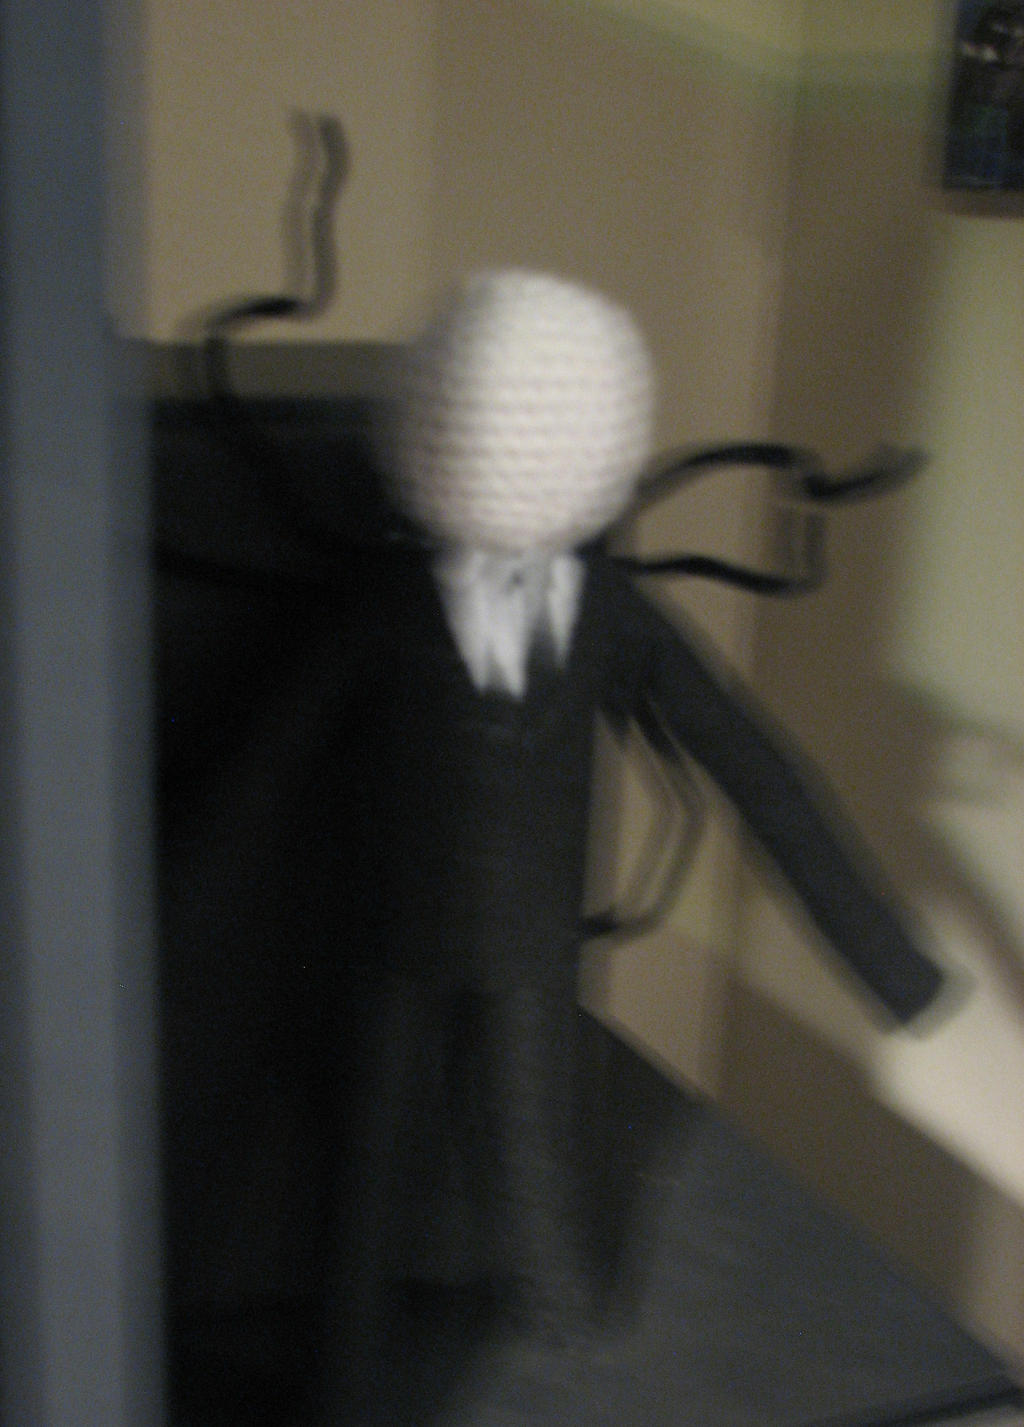 Amigurumi Slender Man : Slenderman Amigurumi Doll by lady-of-frizz on DeviantArt